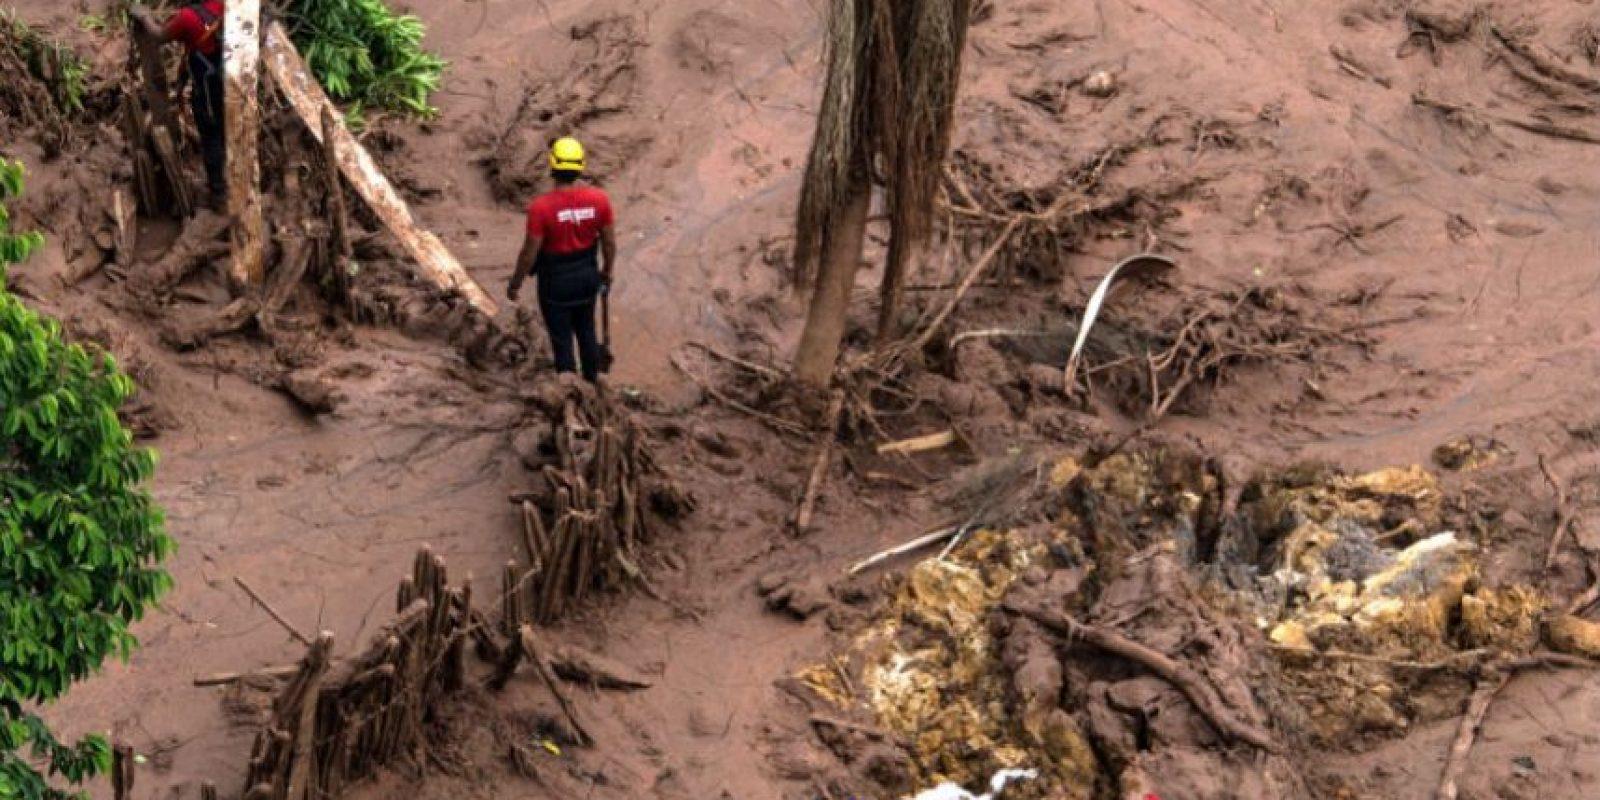 La represa de residuos es conocida como Barragem de Fundão y está a 25 kilómetros del casco urbano de la ciudad de Mariana. Foto:AFP